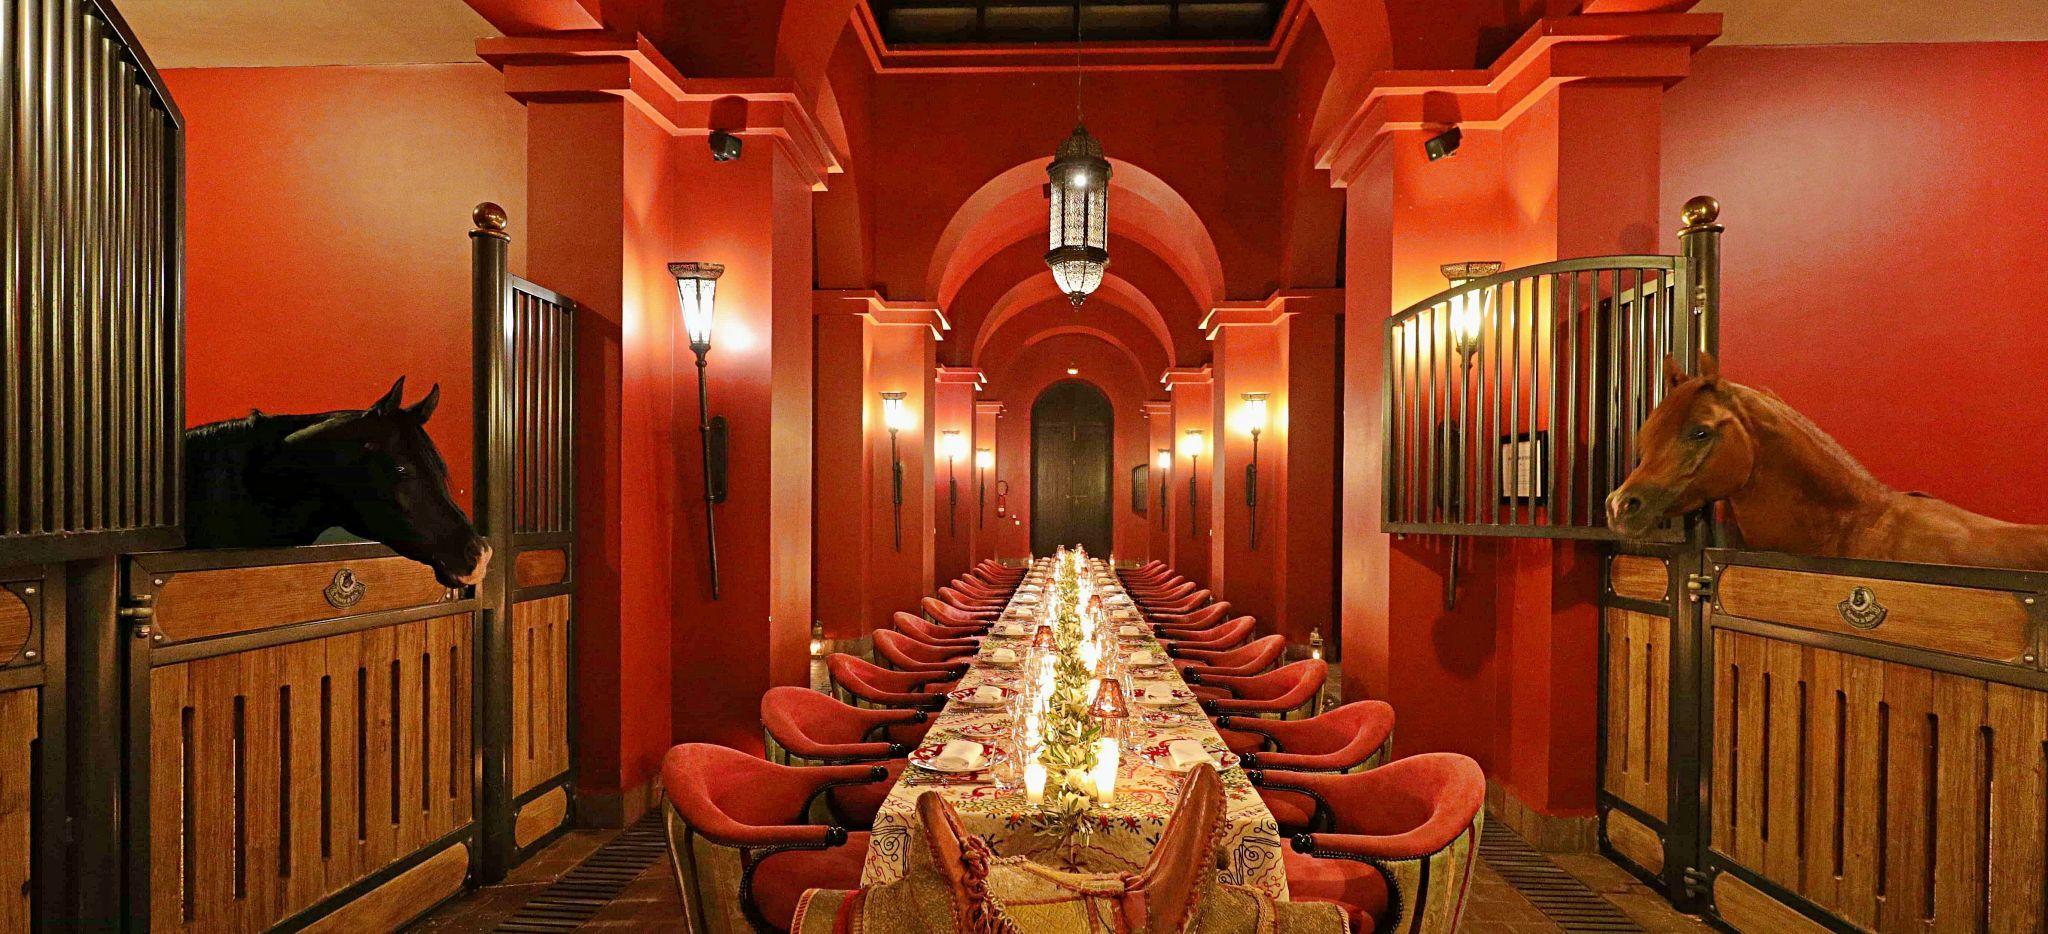 Lange Tafel im Stall des Hotels Selman in Marokko, gedeckt für Dinner